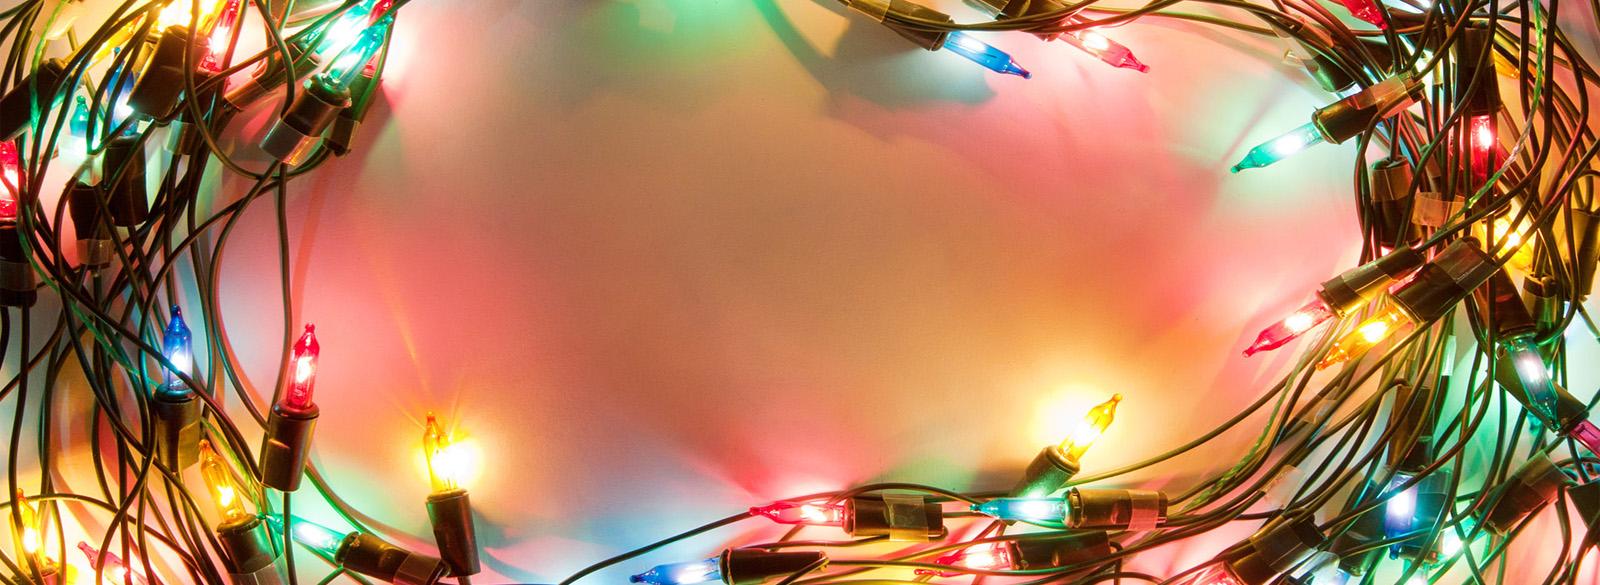 Boże Narodzenie wymaga oświetlenia choinkowego led. Sprawdź naszą ofertę